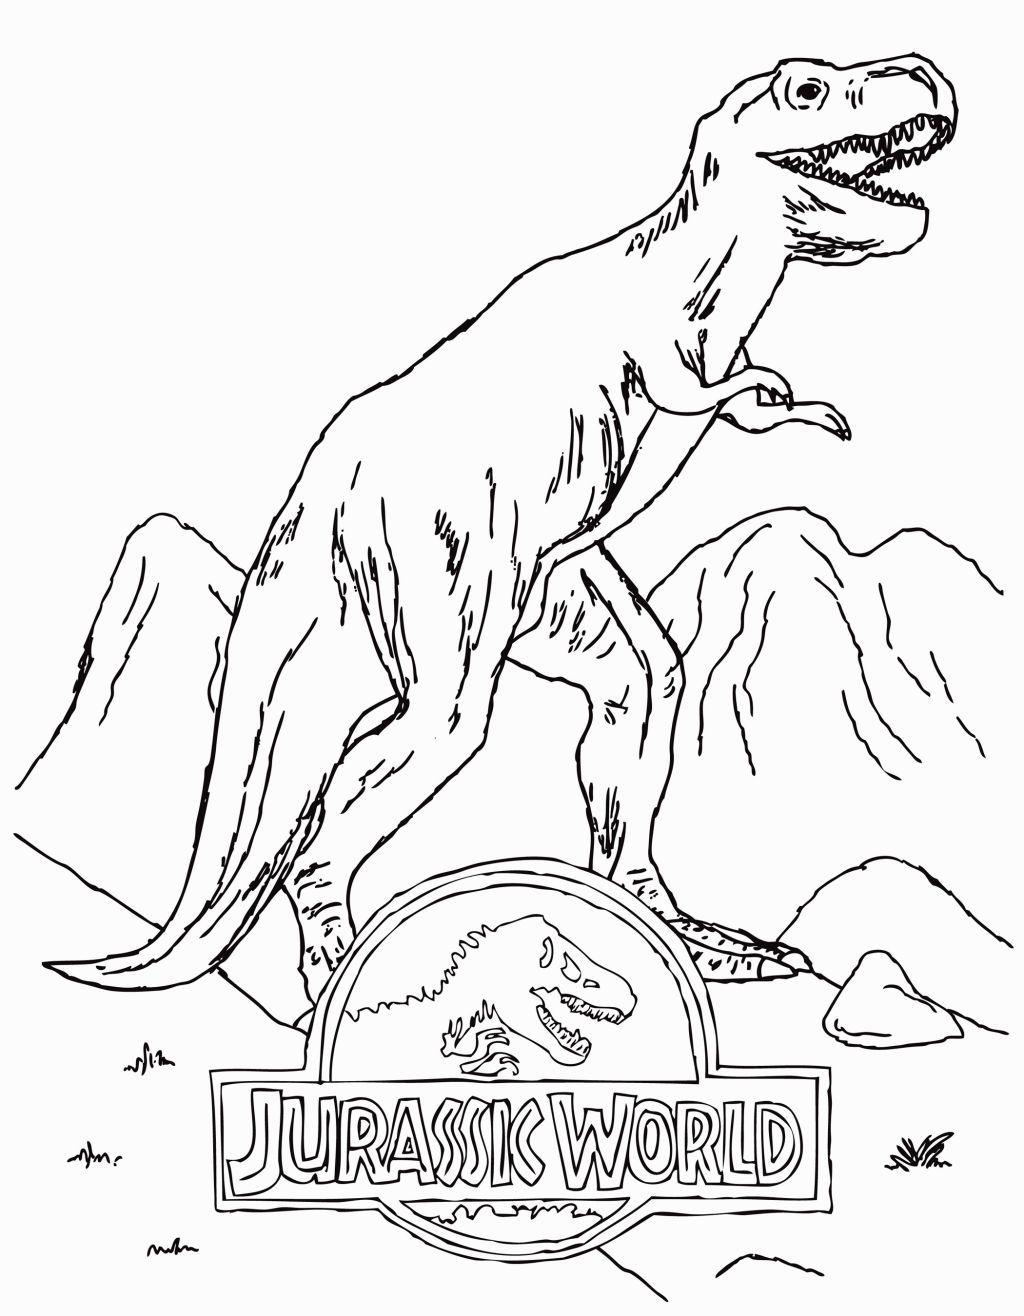 Jurassic World Coloring Sheets